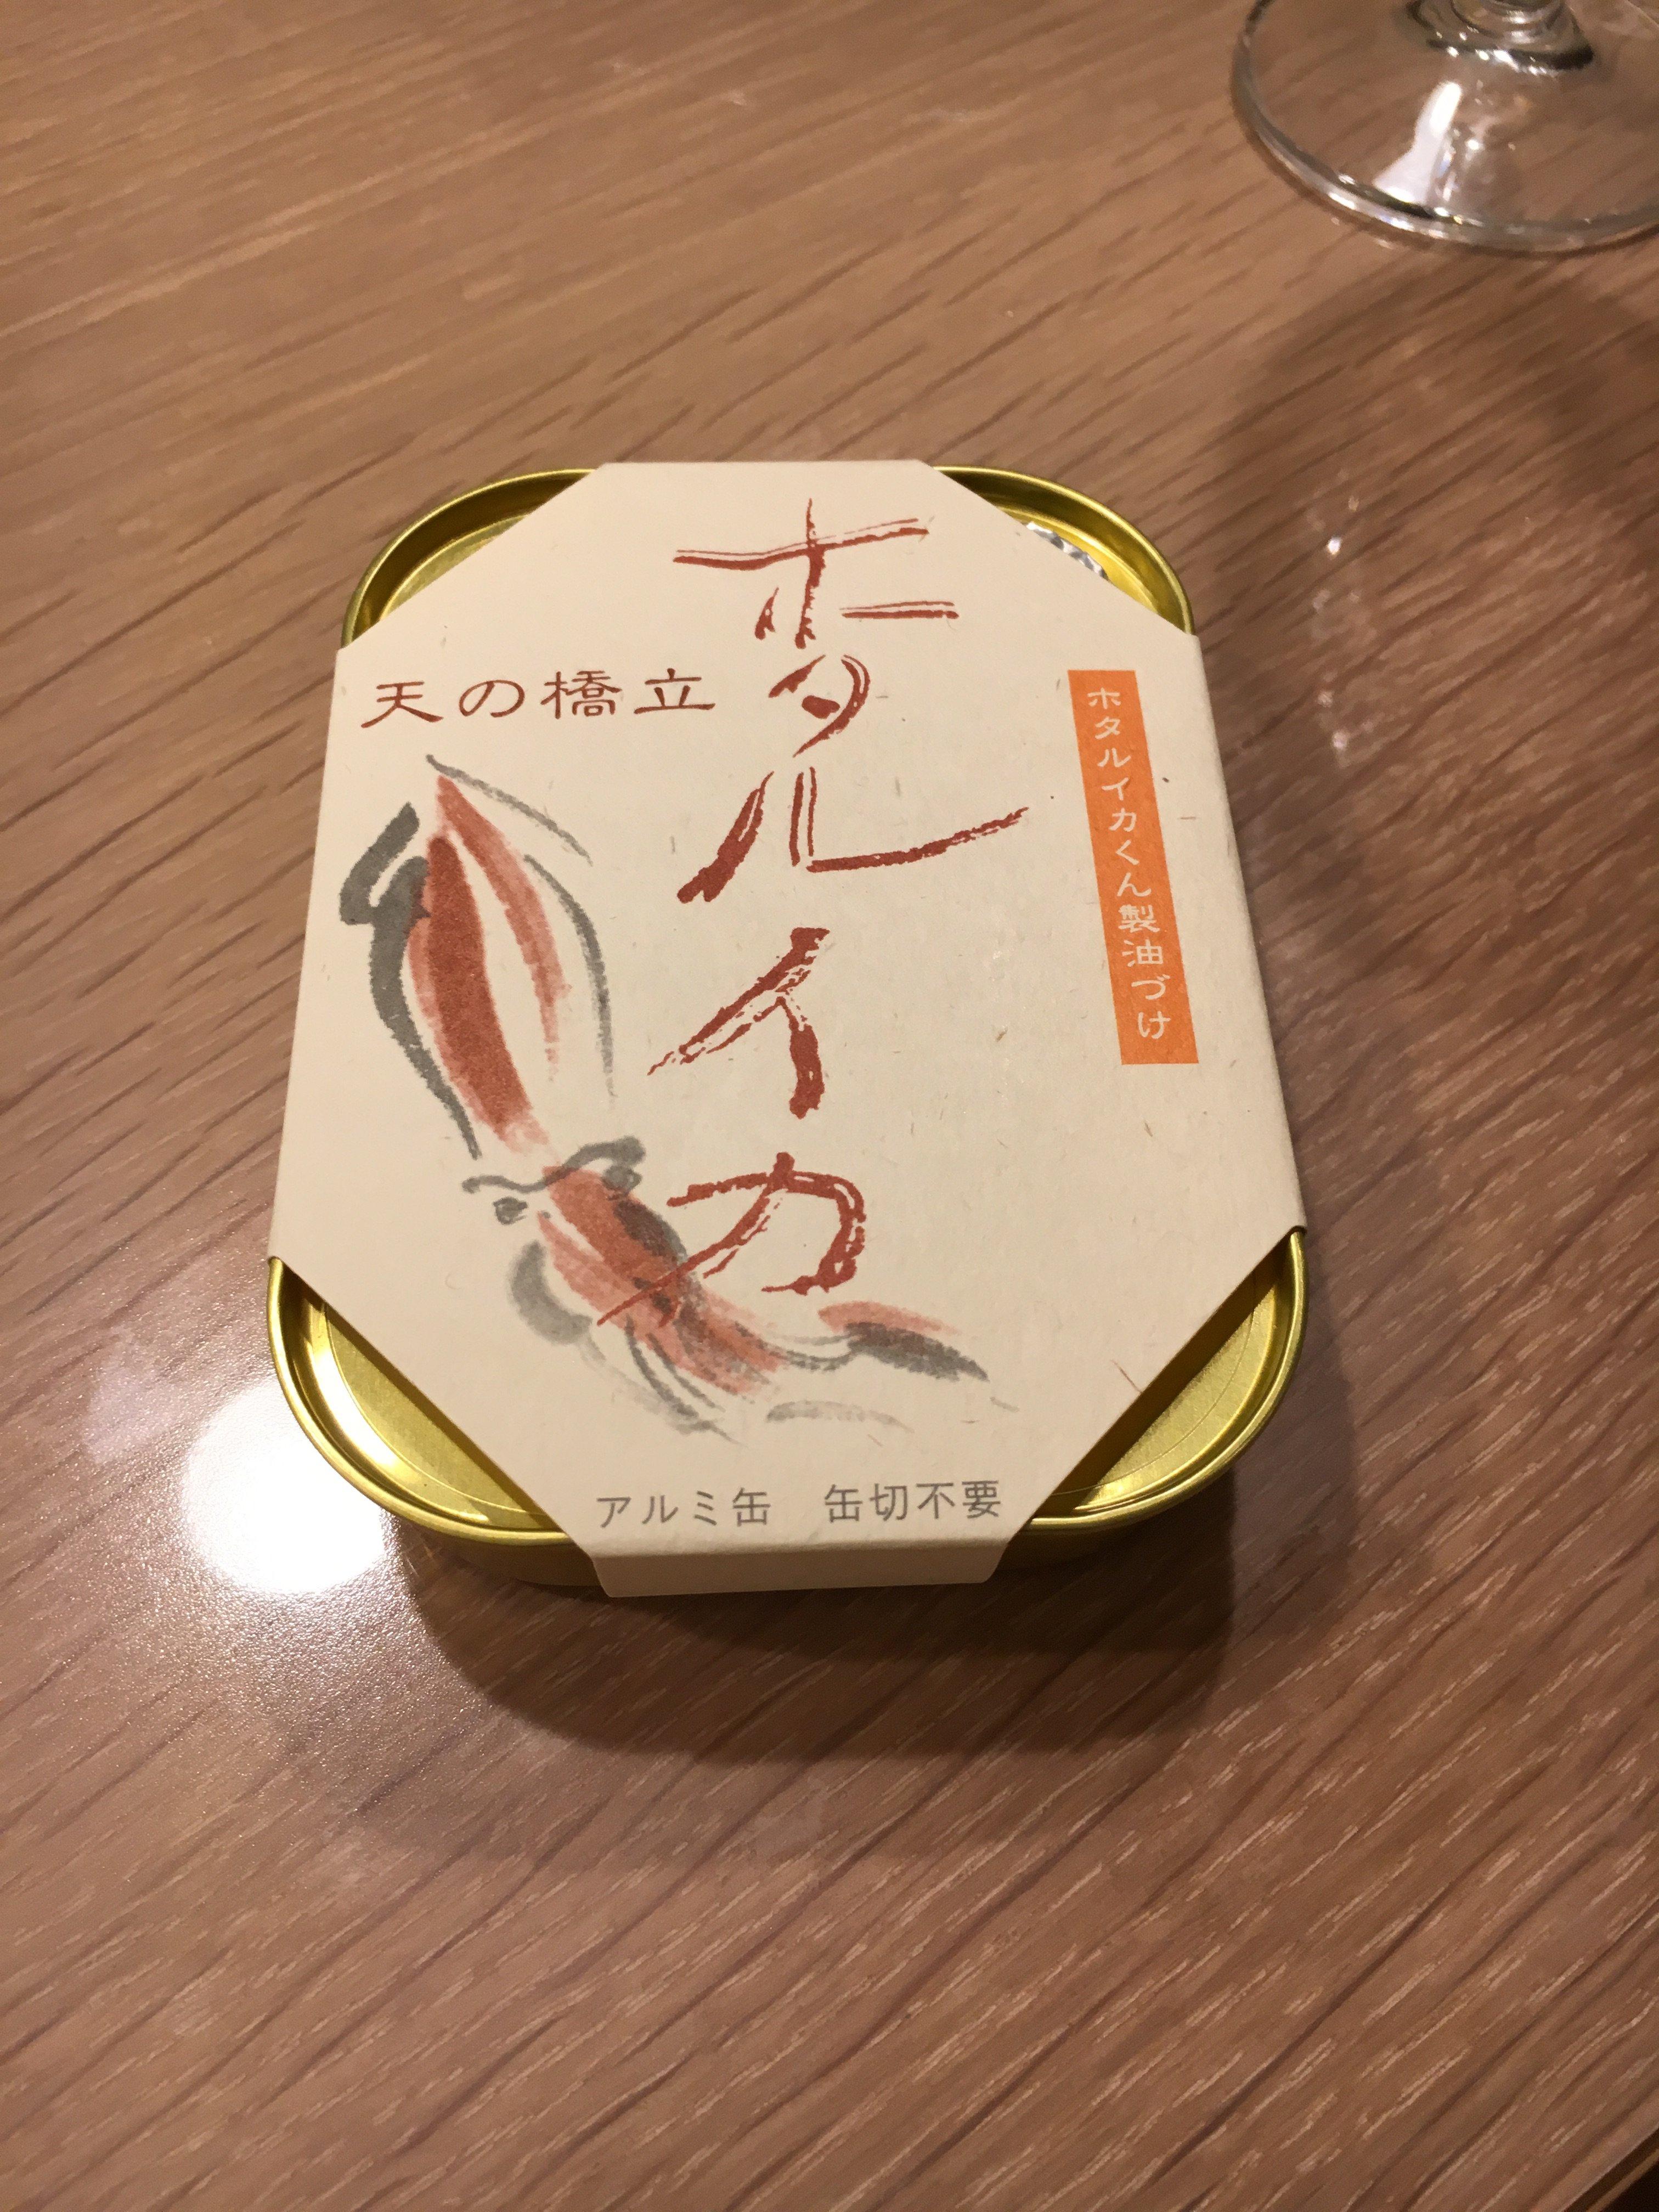 竹中缶詰 天の橋立 ホタルイカくん製油づけ 天の橋立シリーズでは最下位かも?